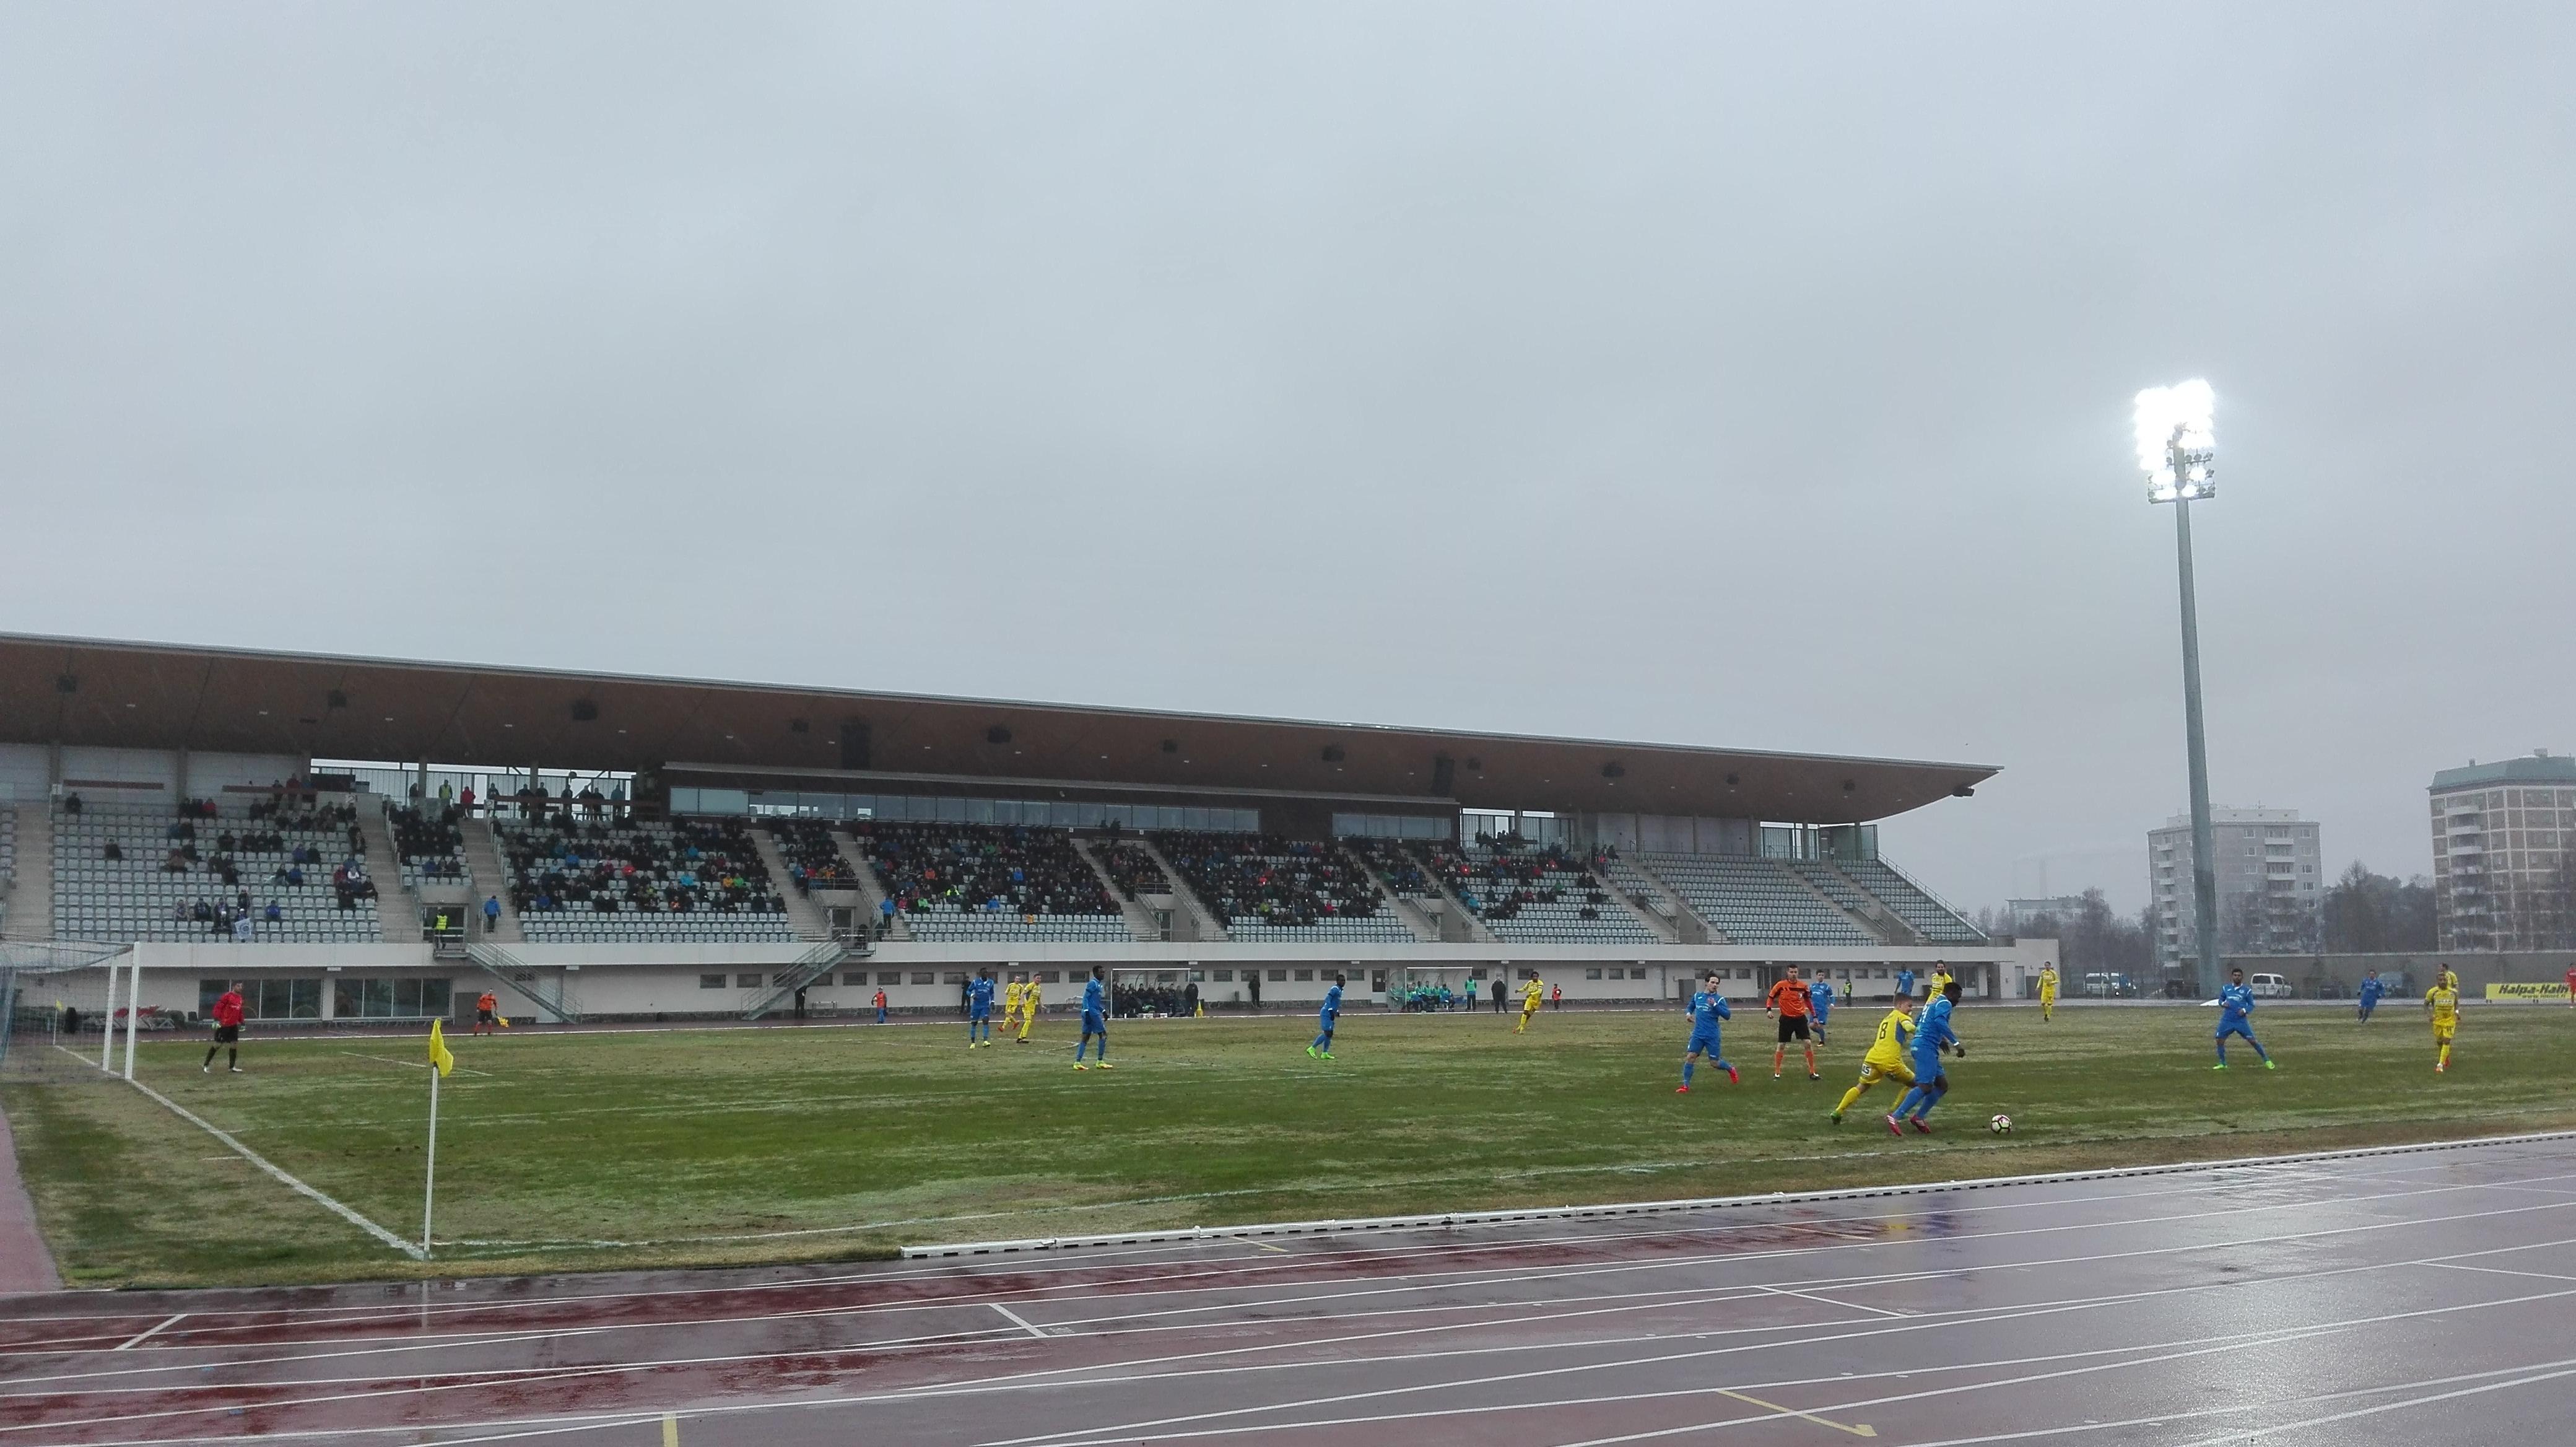 Kauden ensimmäinen Oulun Derby pelattiin kosteissa olosuhteissa. (Kuva: Mikko Rahja)